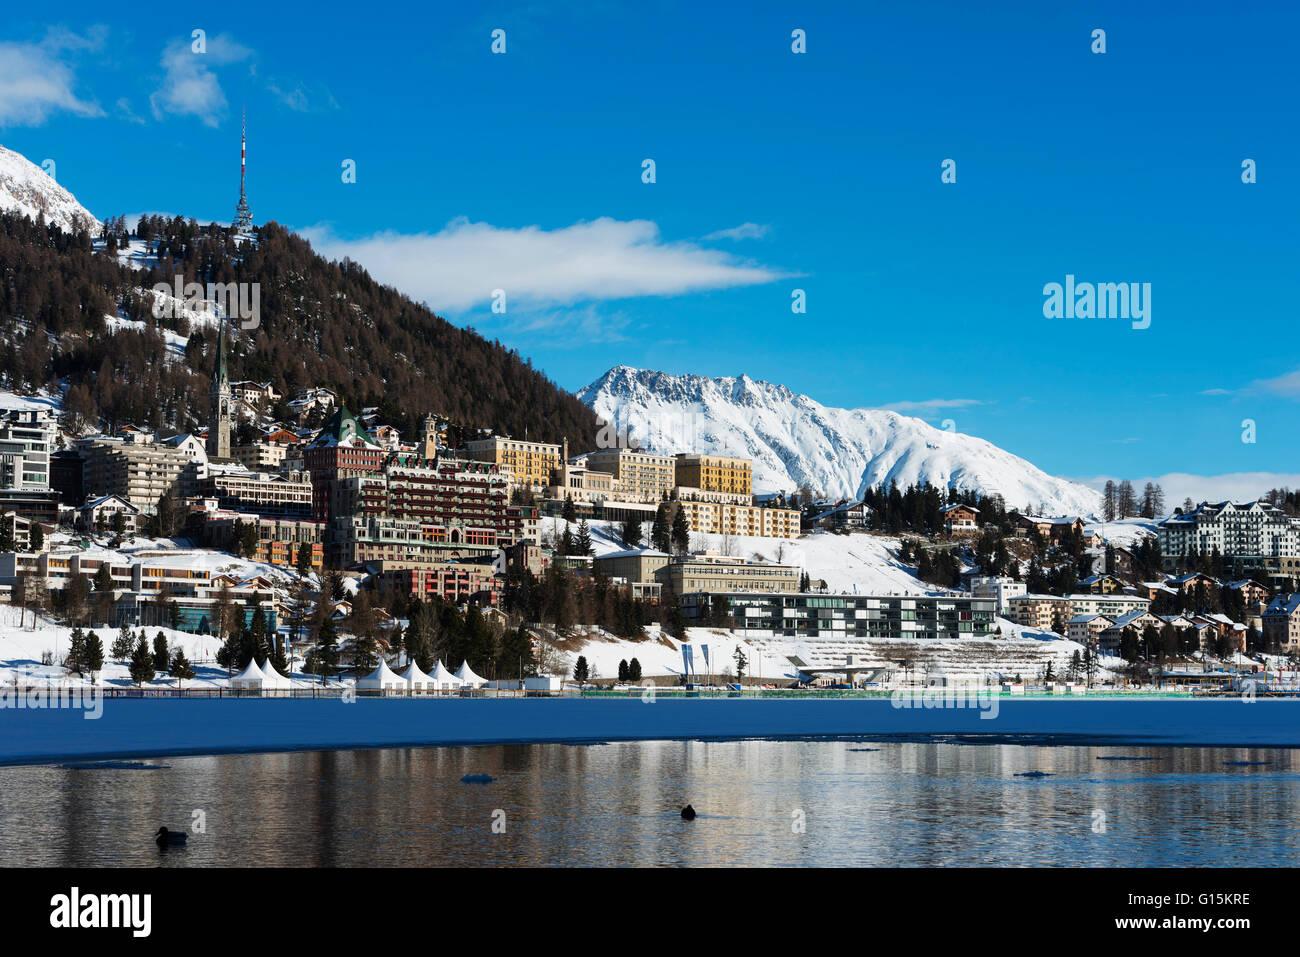 Lakeside, St. Moritz en invierno, de Engadine, Graubunden, Suiza, Europa Imagen De Stock